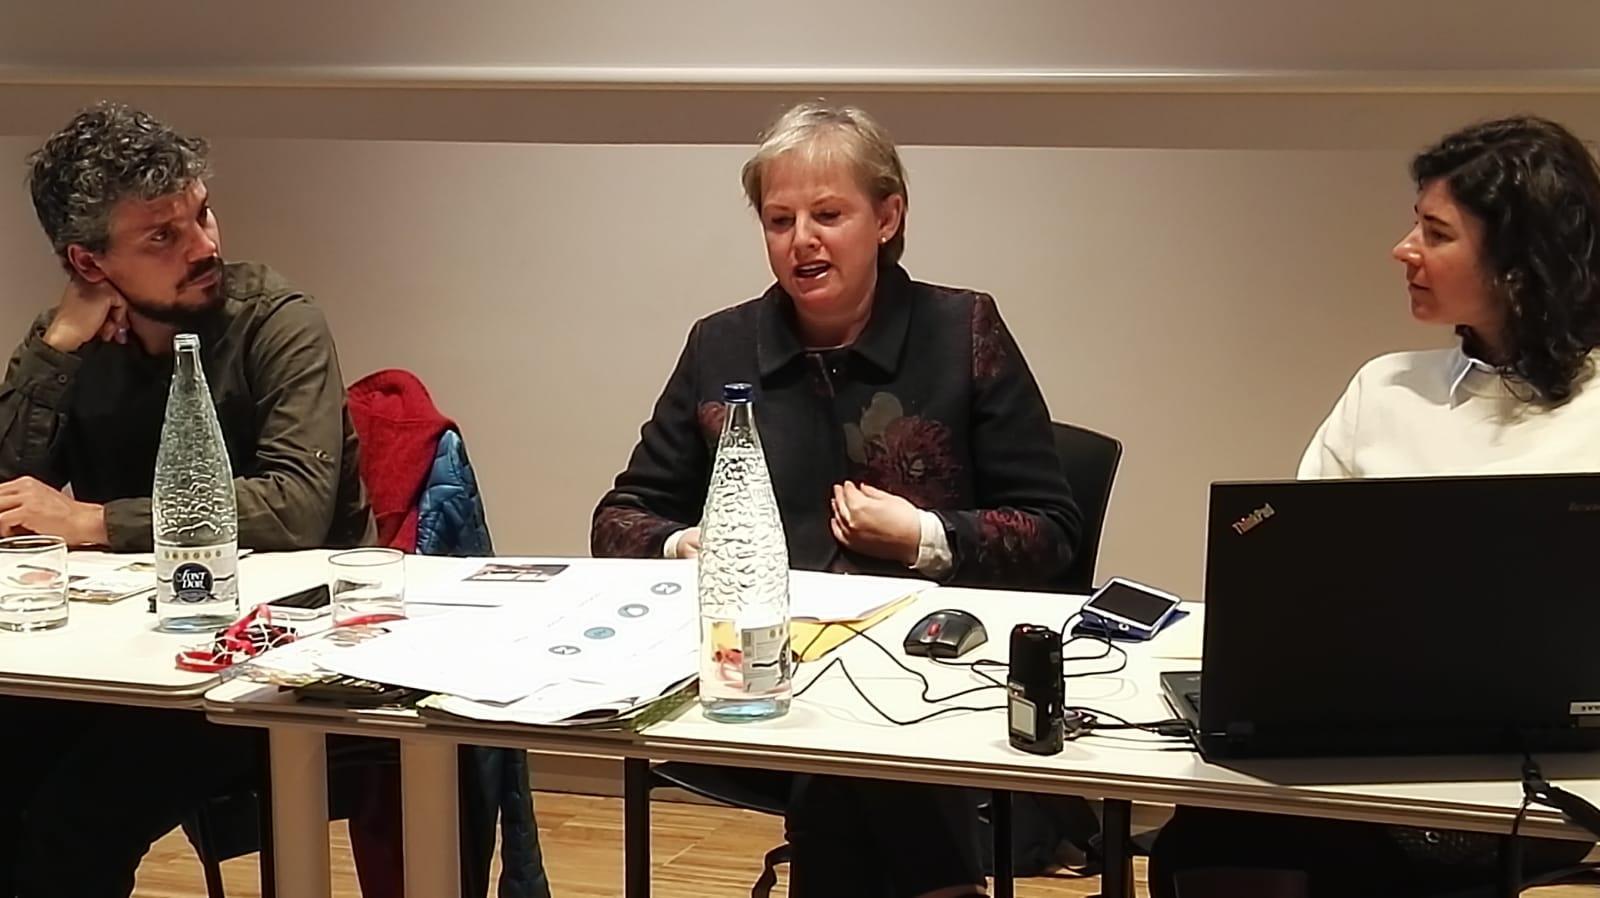 Minou Esquenet, Clima, Energía, Política Ambiental, Smart City y Gestión de equipamientos del Ayuntamiento de Brujas (Bélgica)